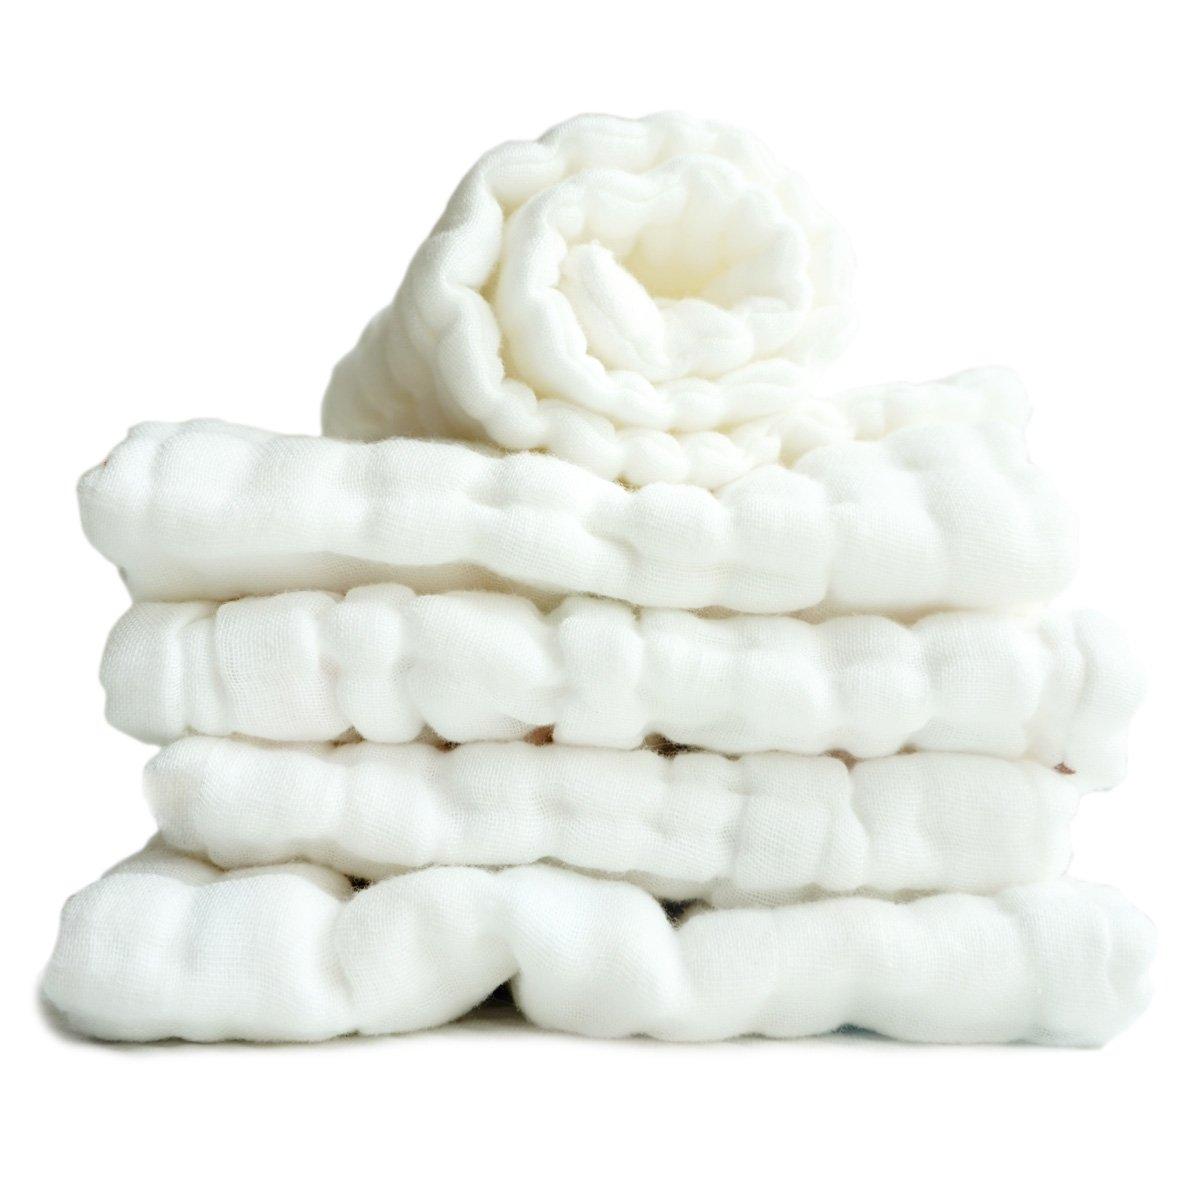 FYGOOD Lote 5pcs recién nacido Cuelgue pañuelo de algodón suave del bebé con 10 capas de gasa 46 * 17cm